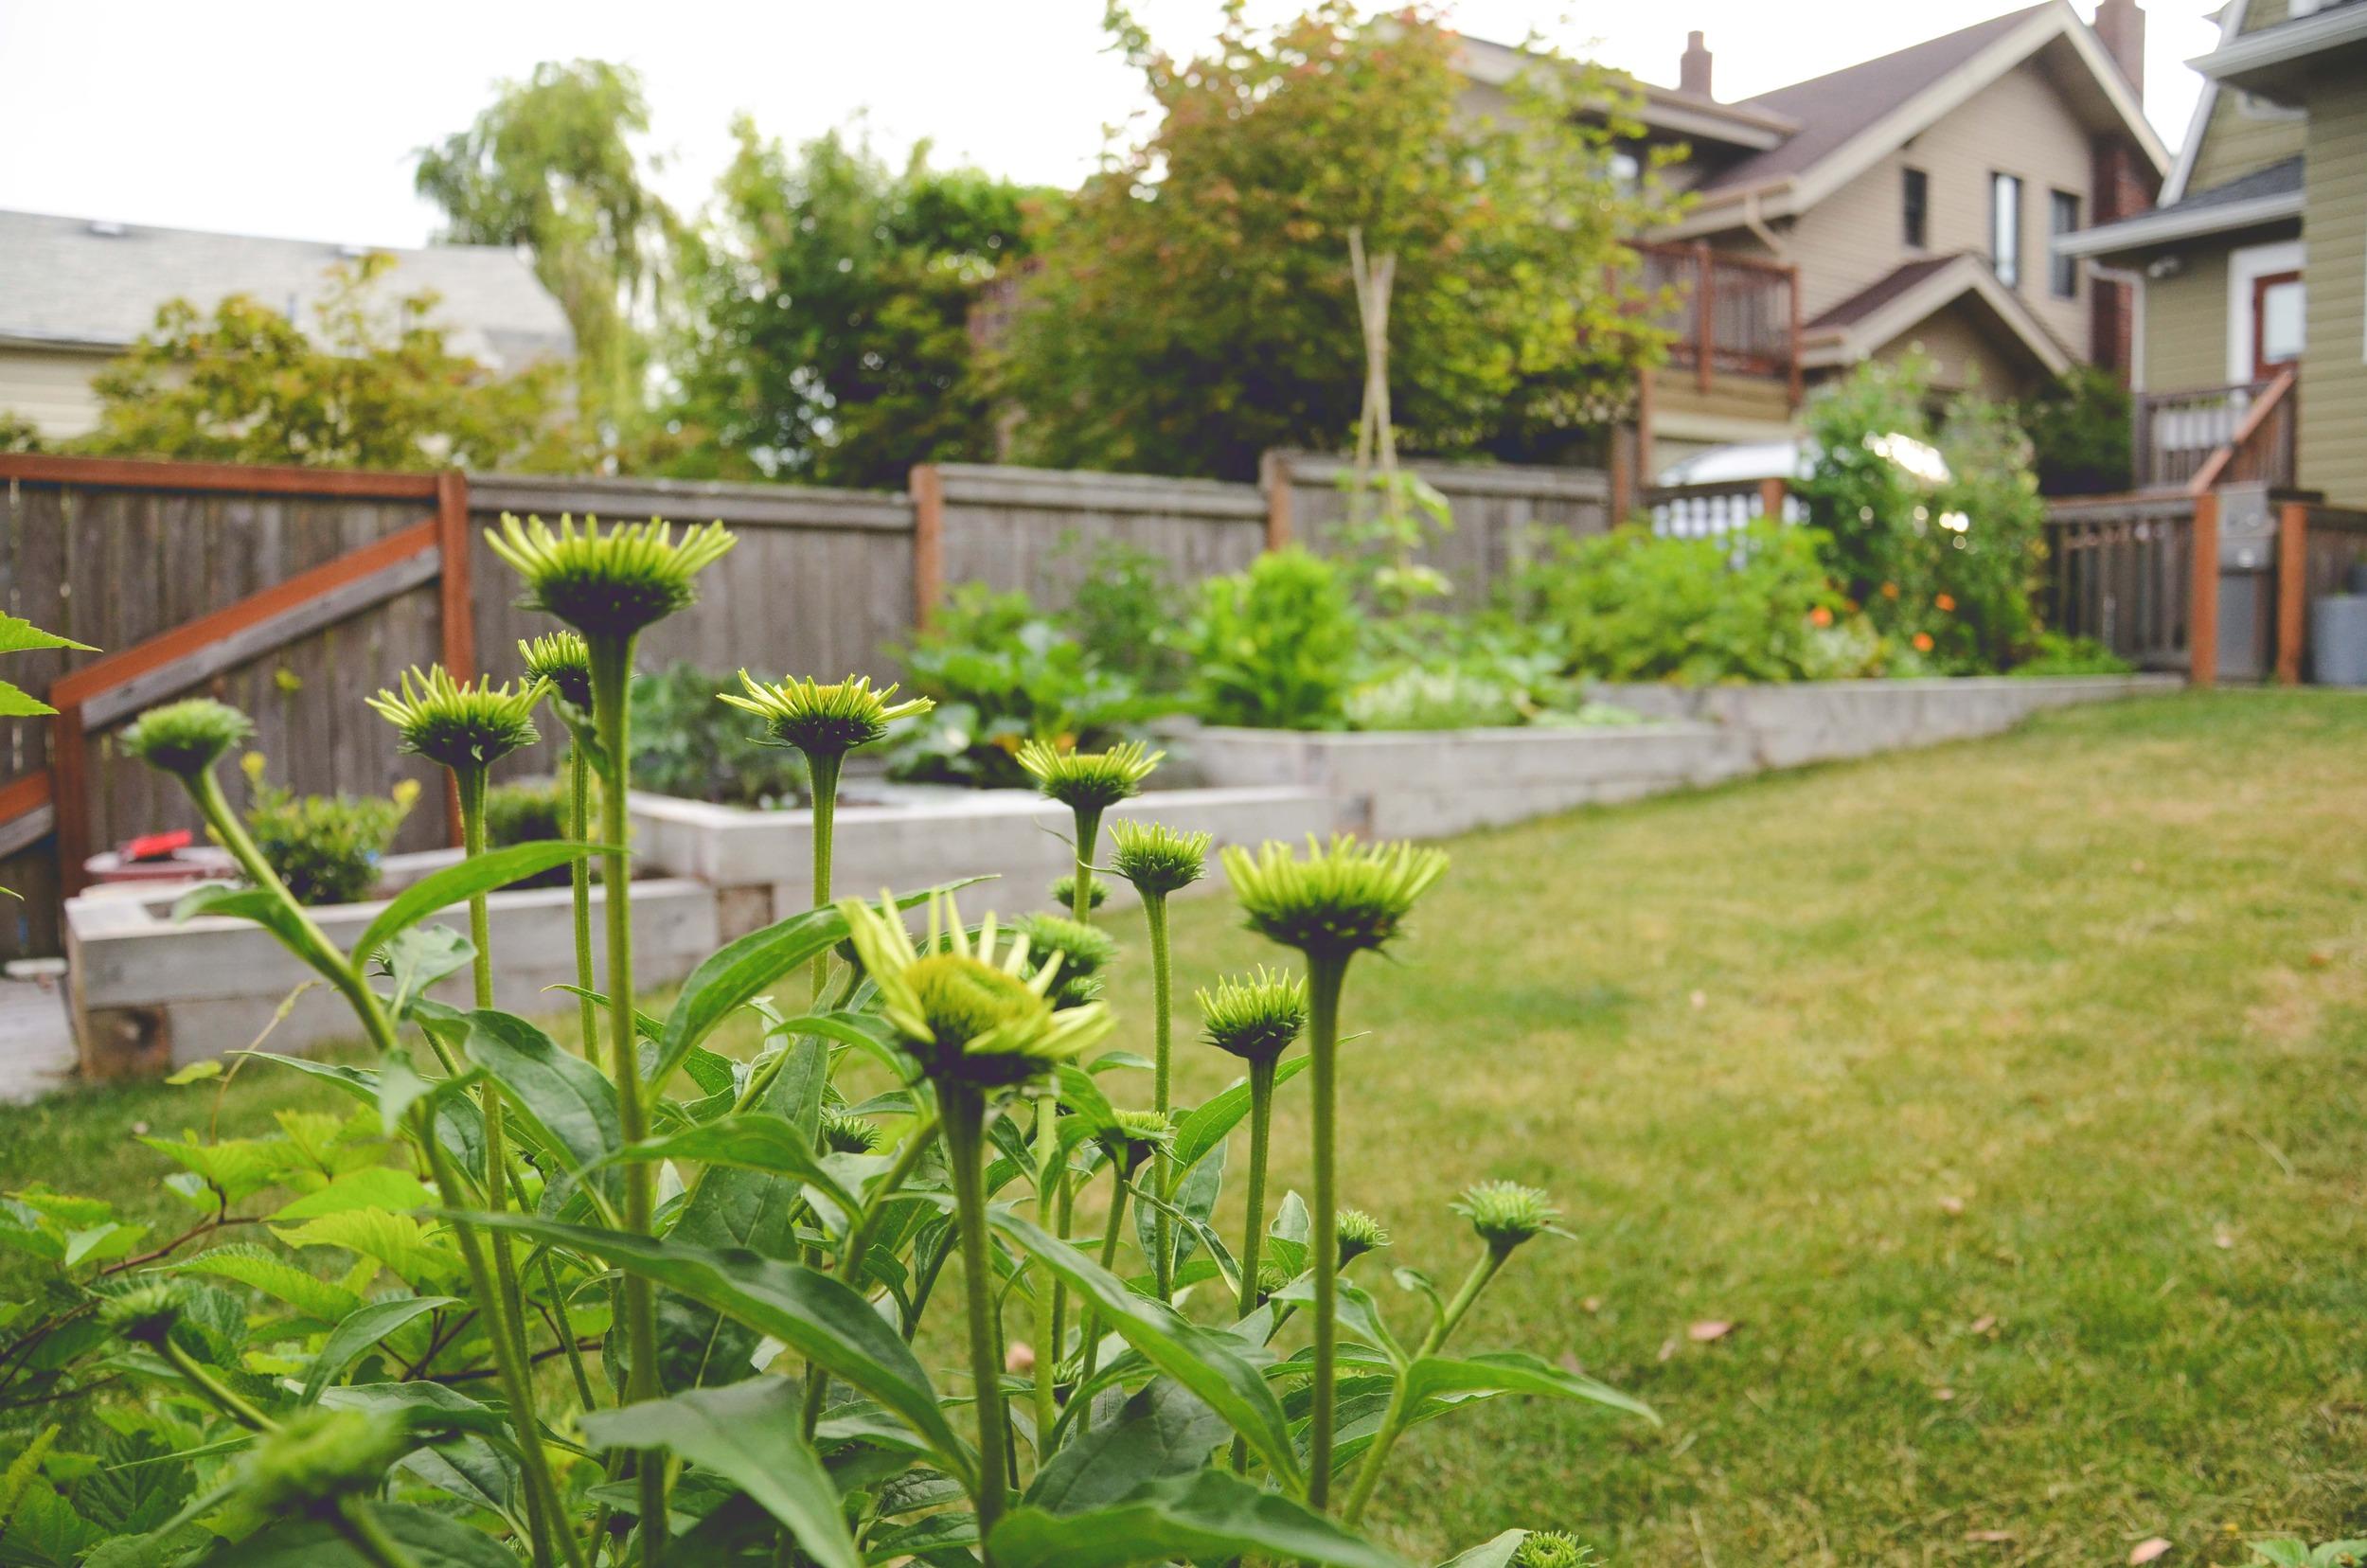 Vegetable Garden Design_Seattle Urban Farm Co